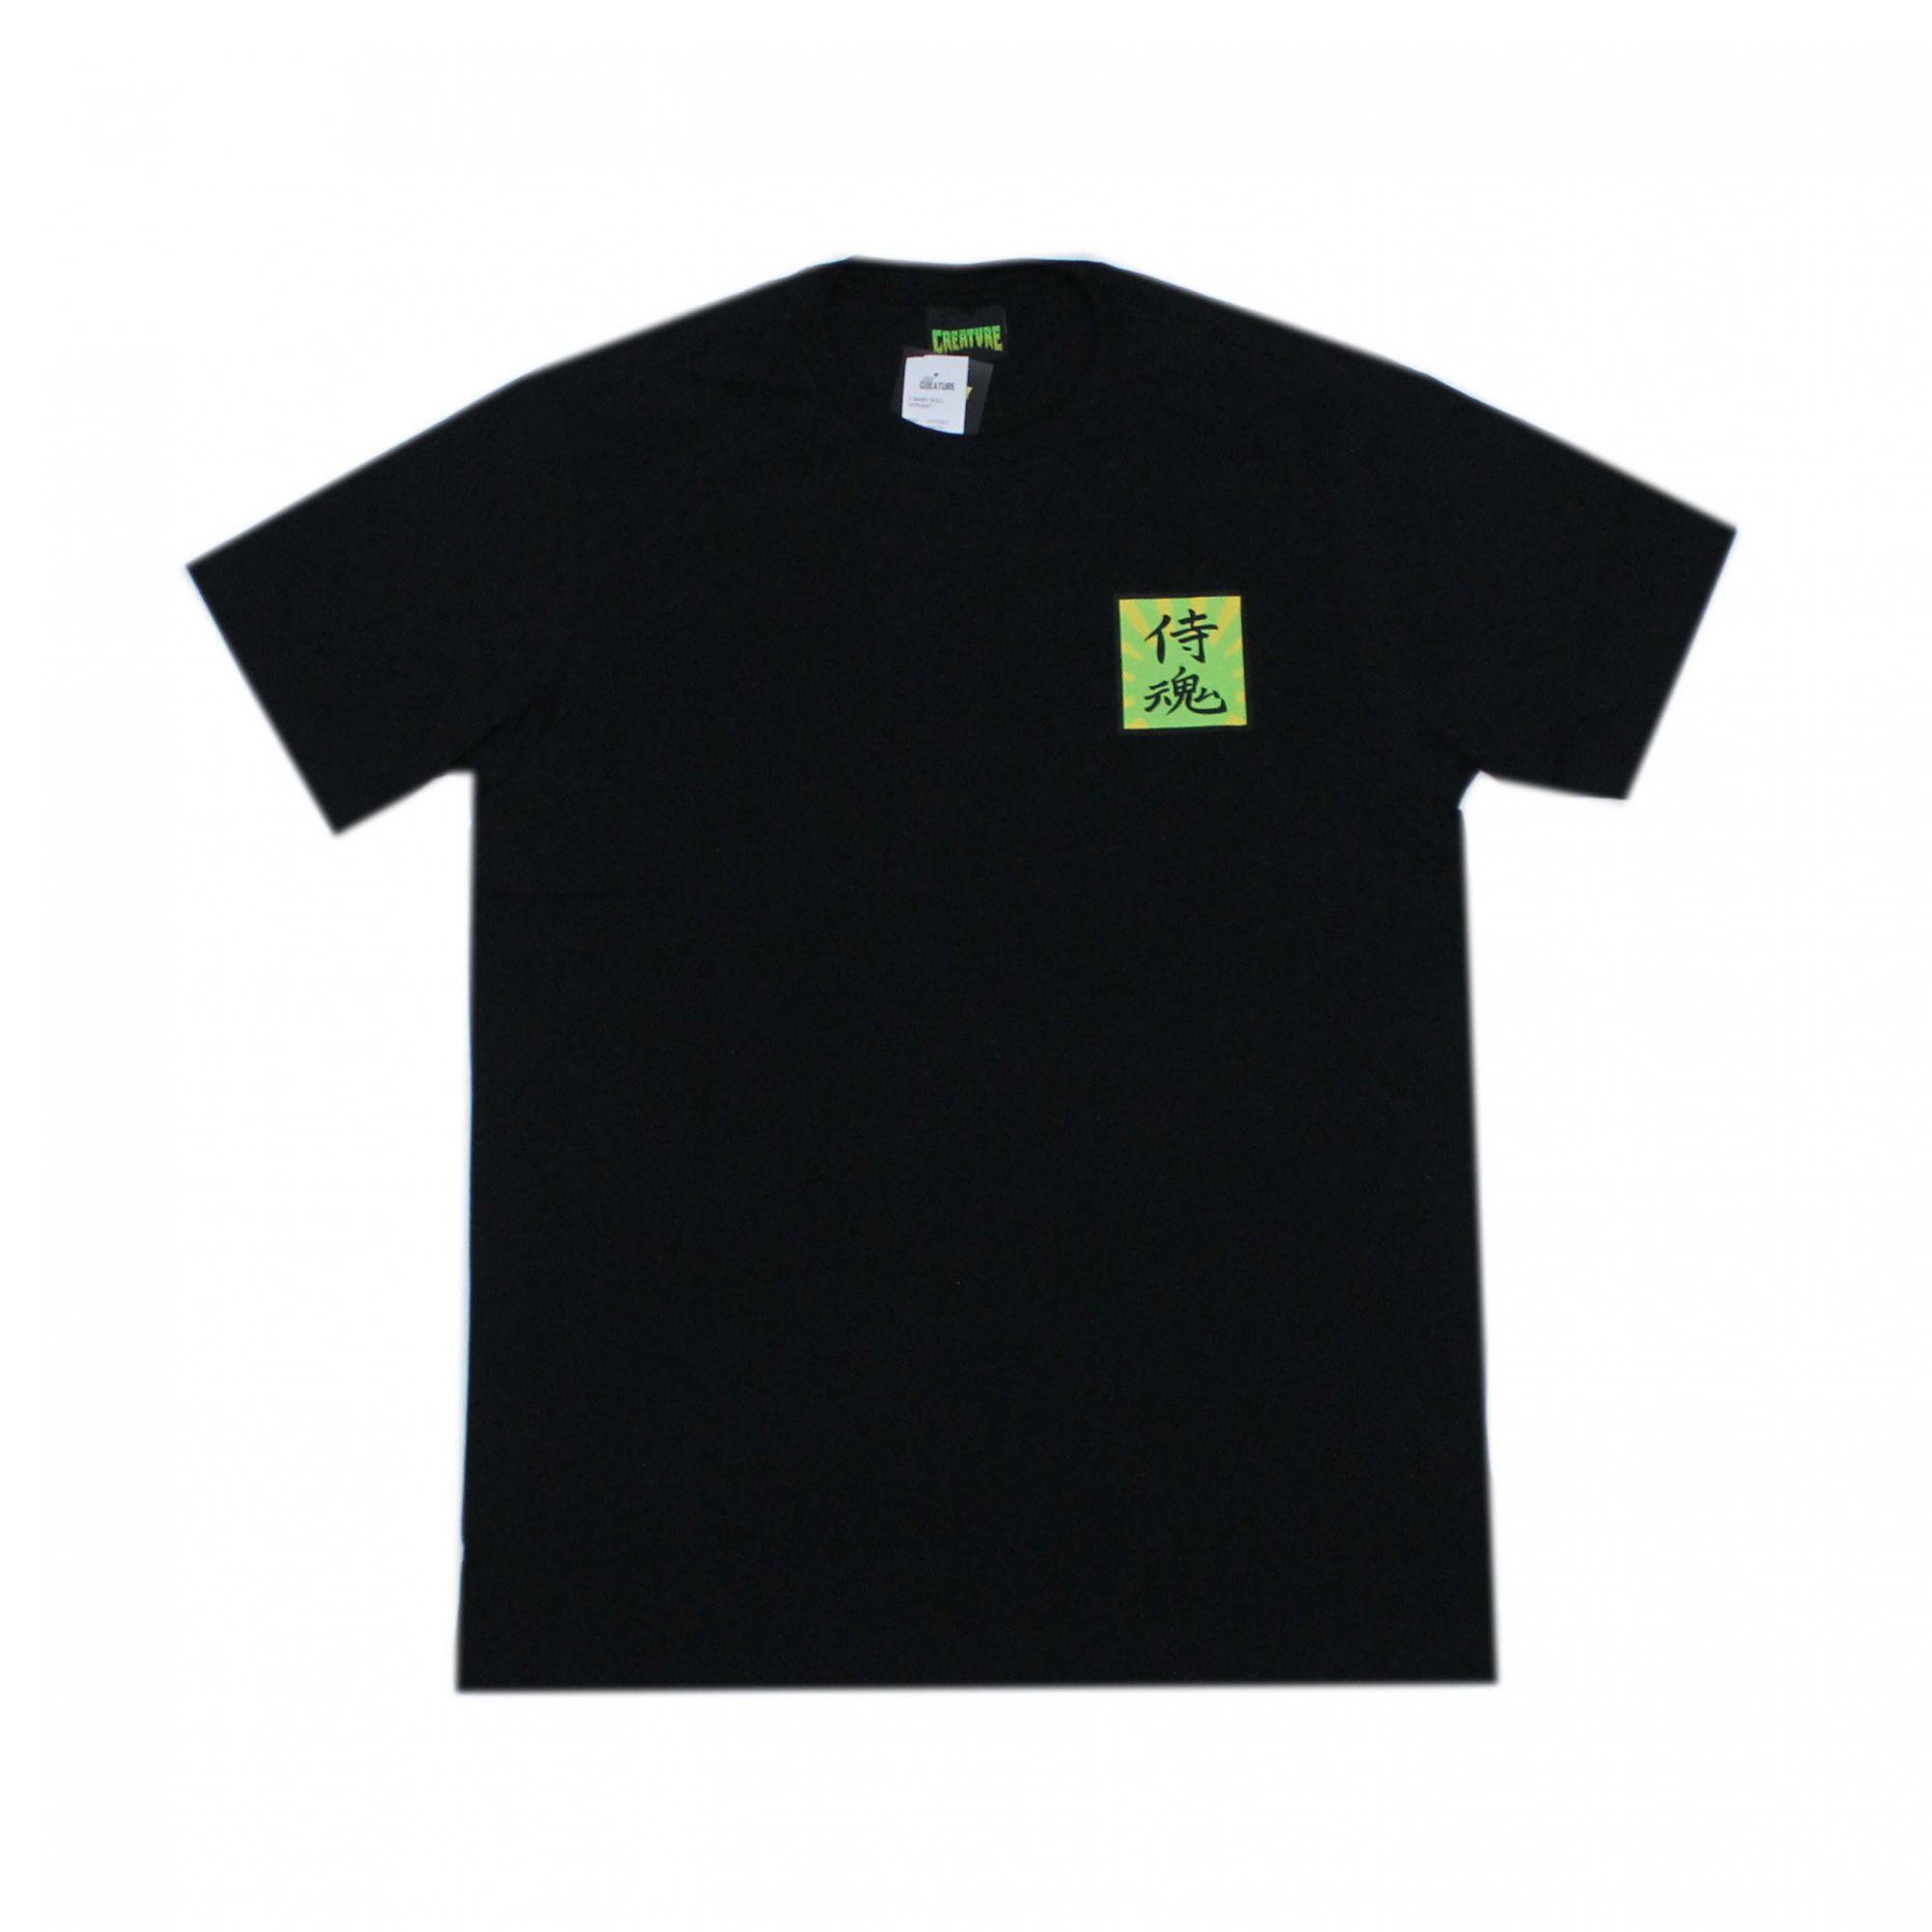 Camiseta Creature Servant Preto